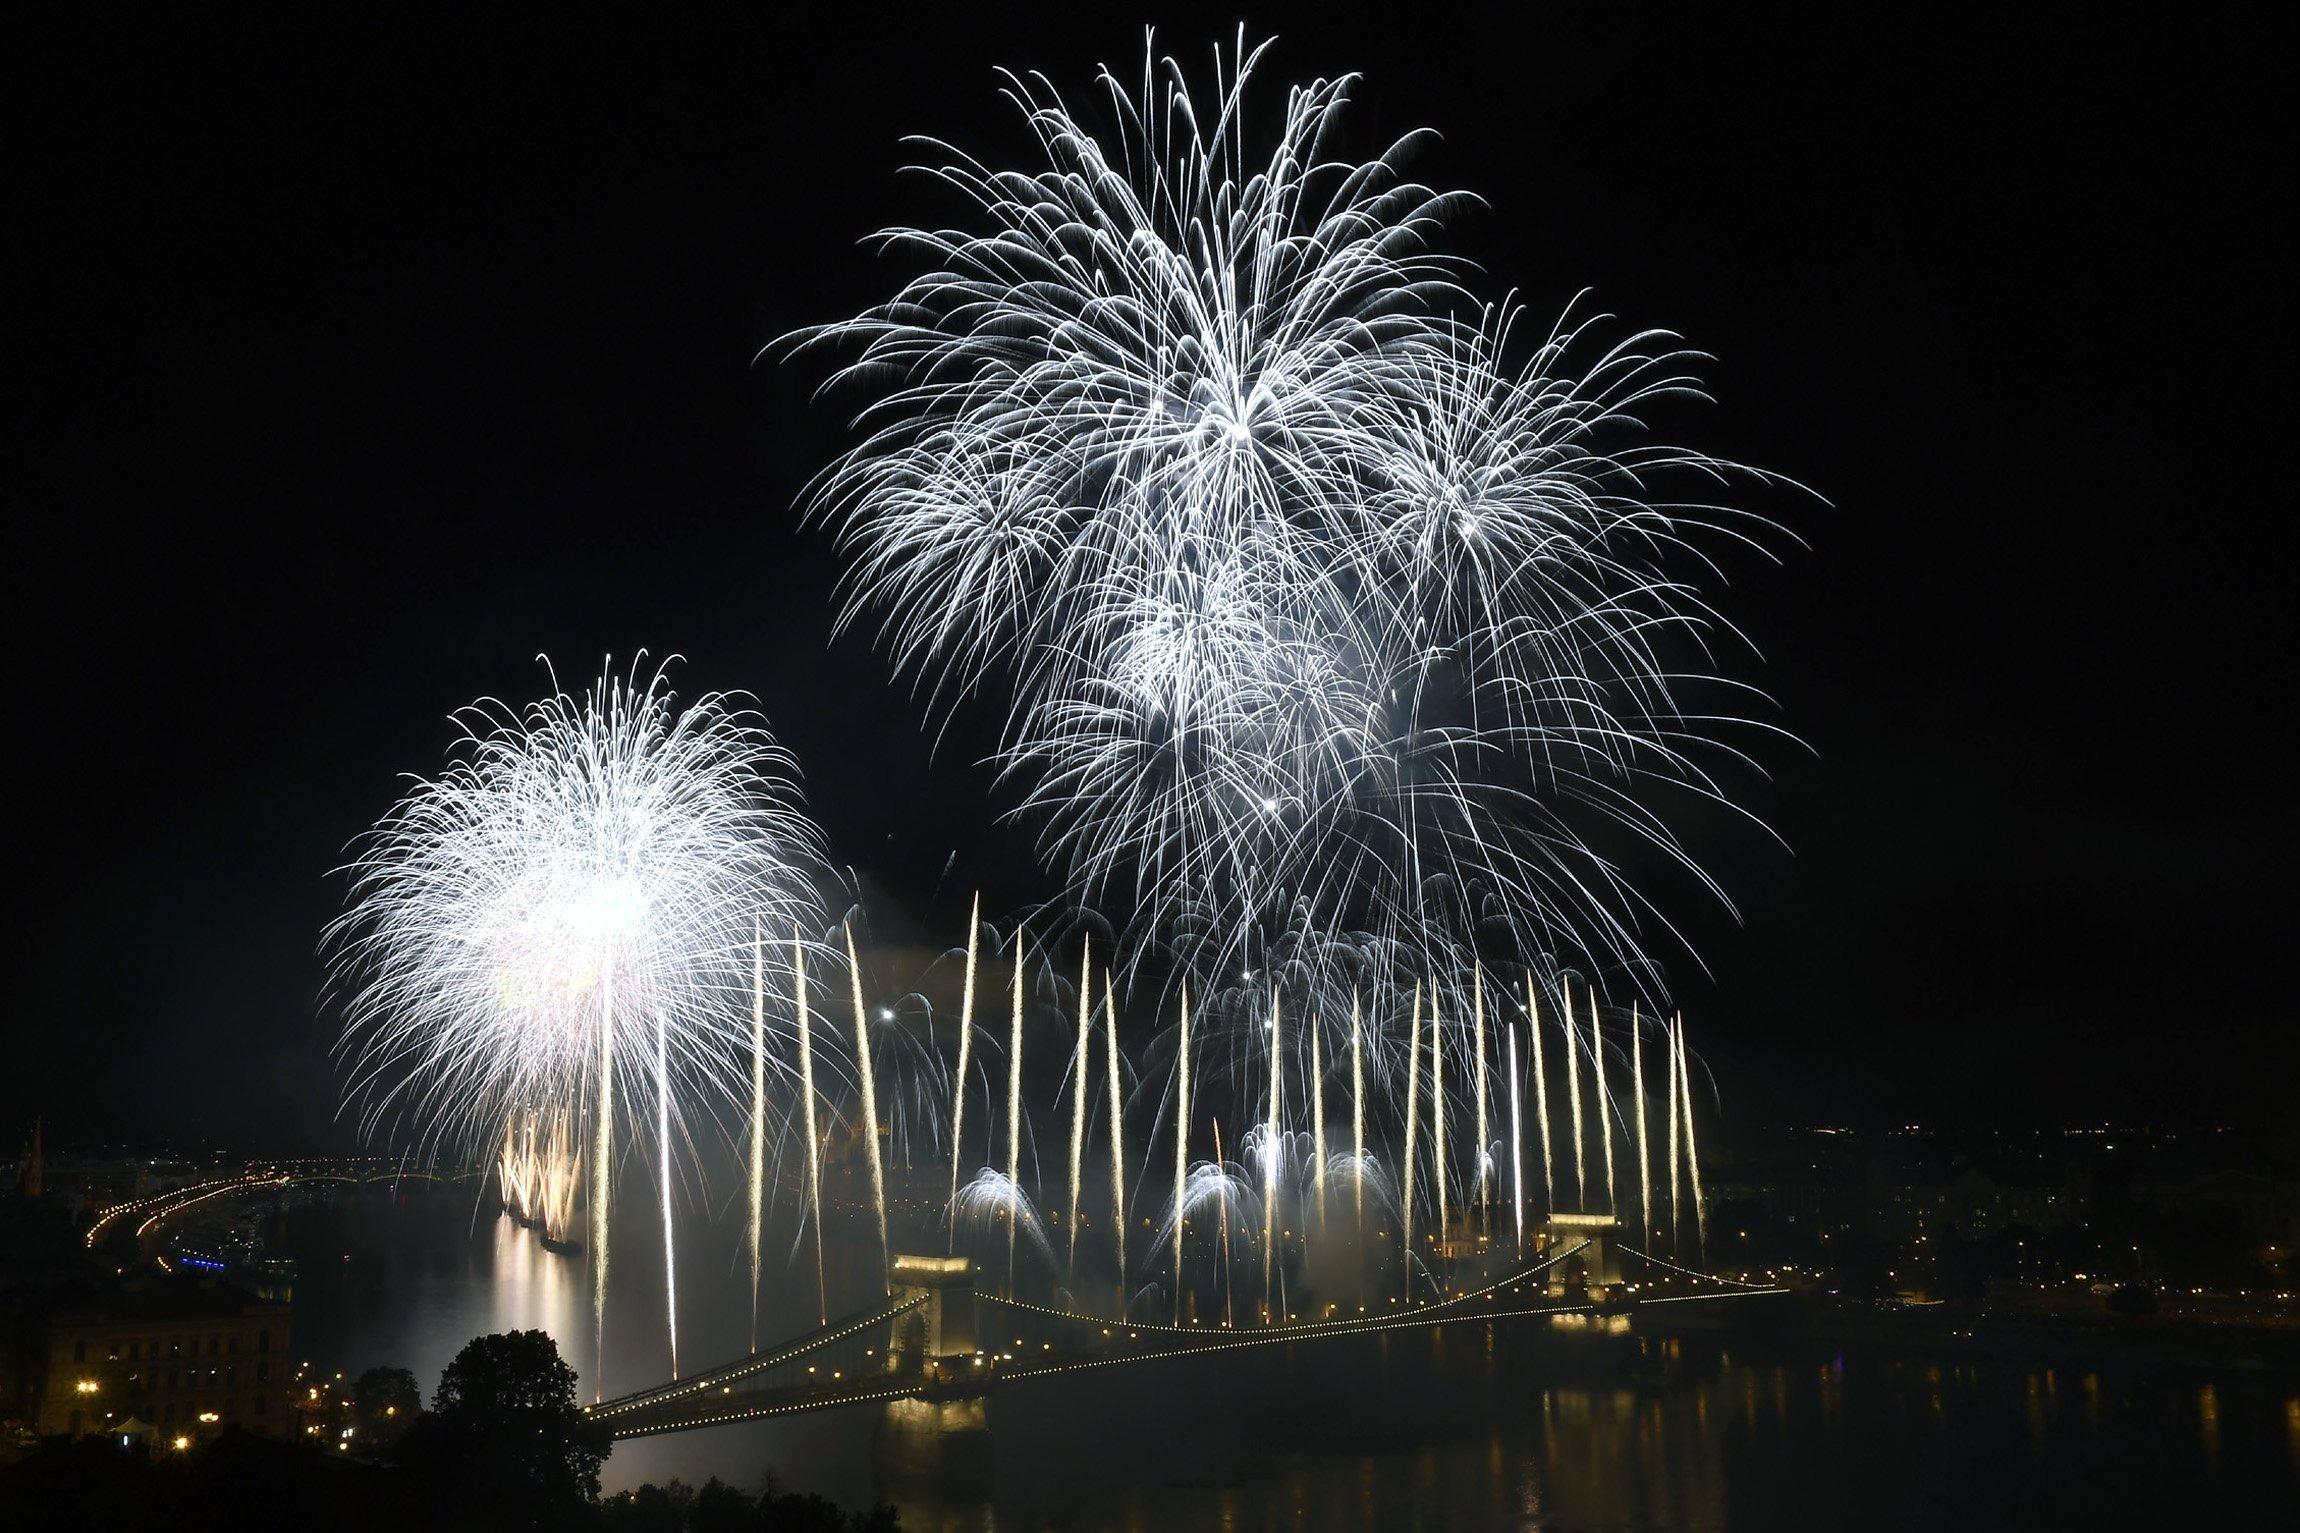 A gyöngyösiek szavazhattak arról, hogy szeretnének-e augusztus 20-i tűzijátékot